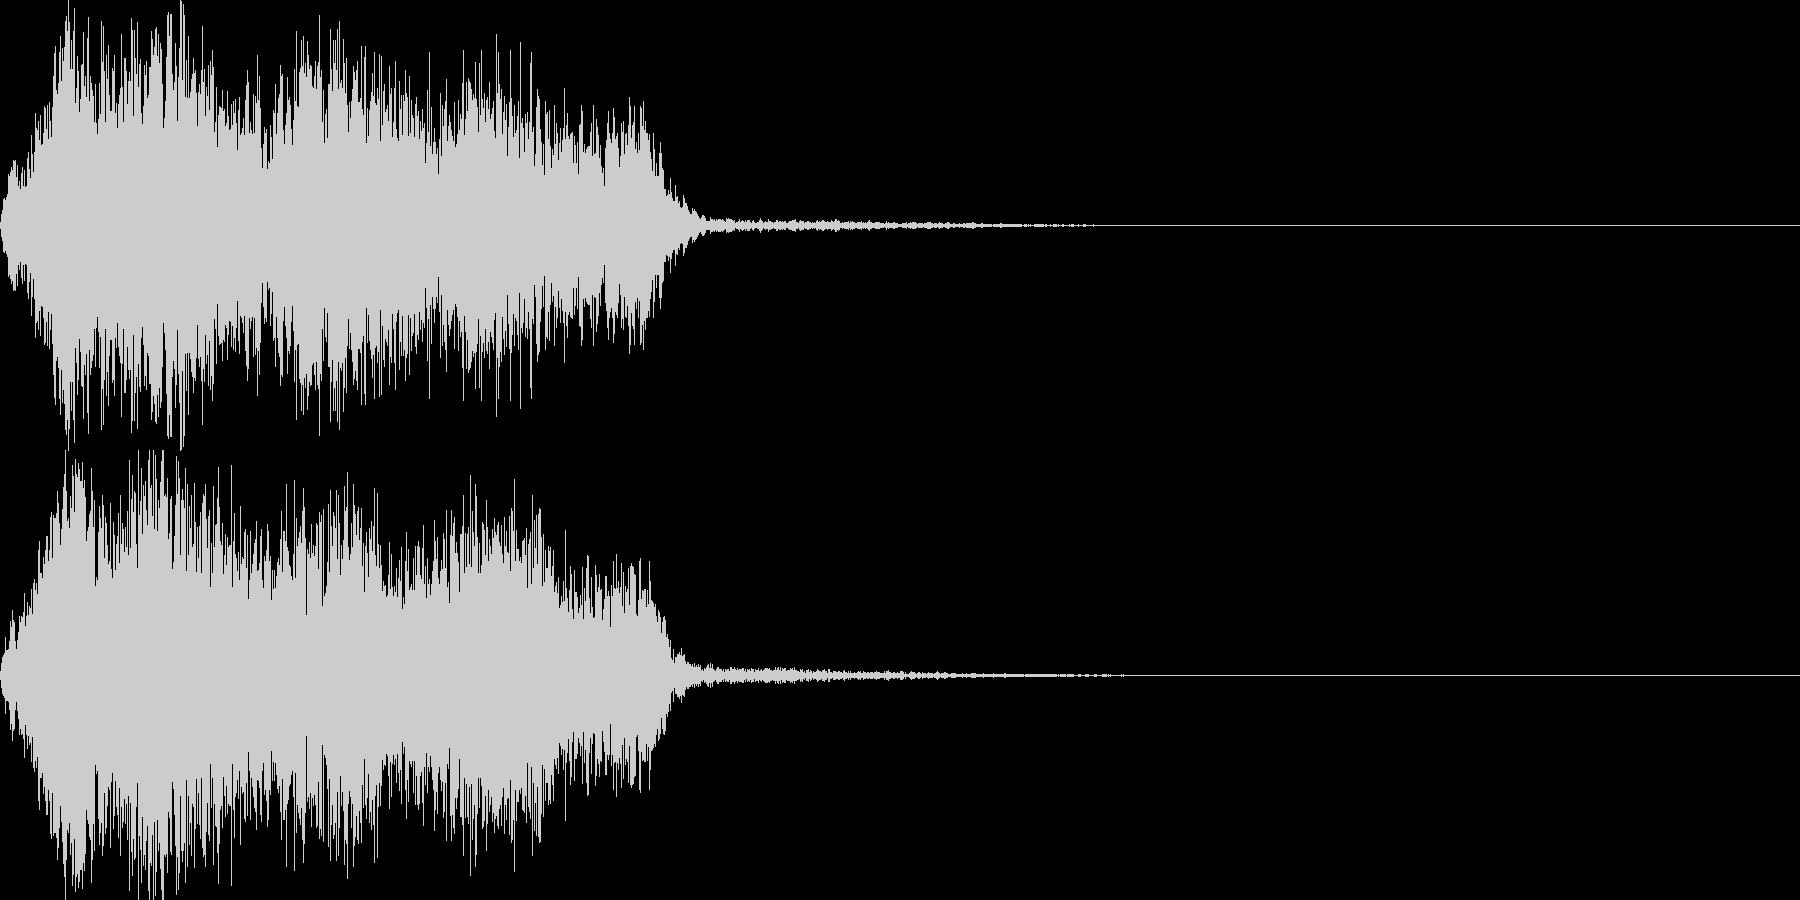 映画向け効果音14の未再生の波形